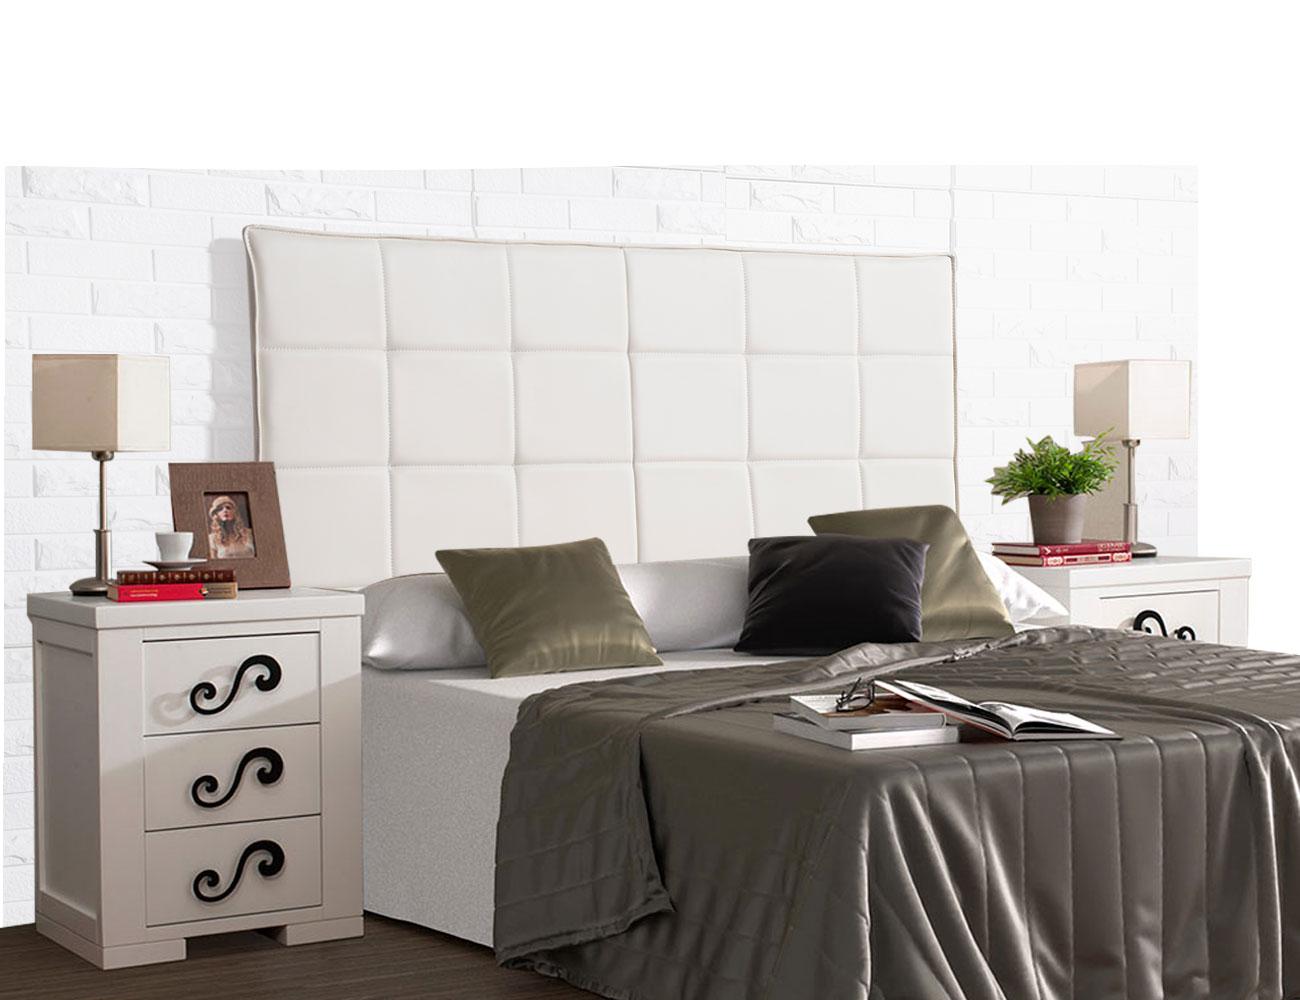 Cabecero tapizado polipiel cuadros blanco